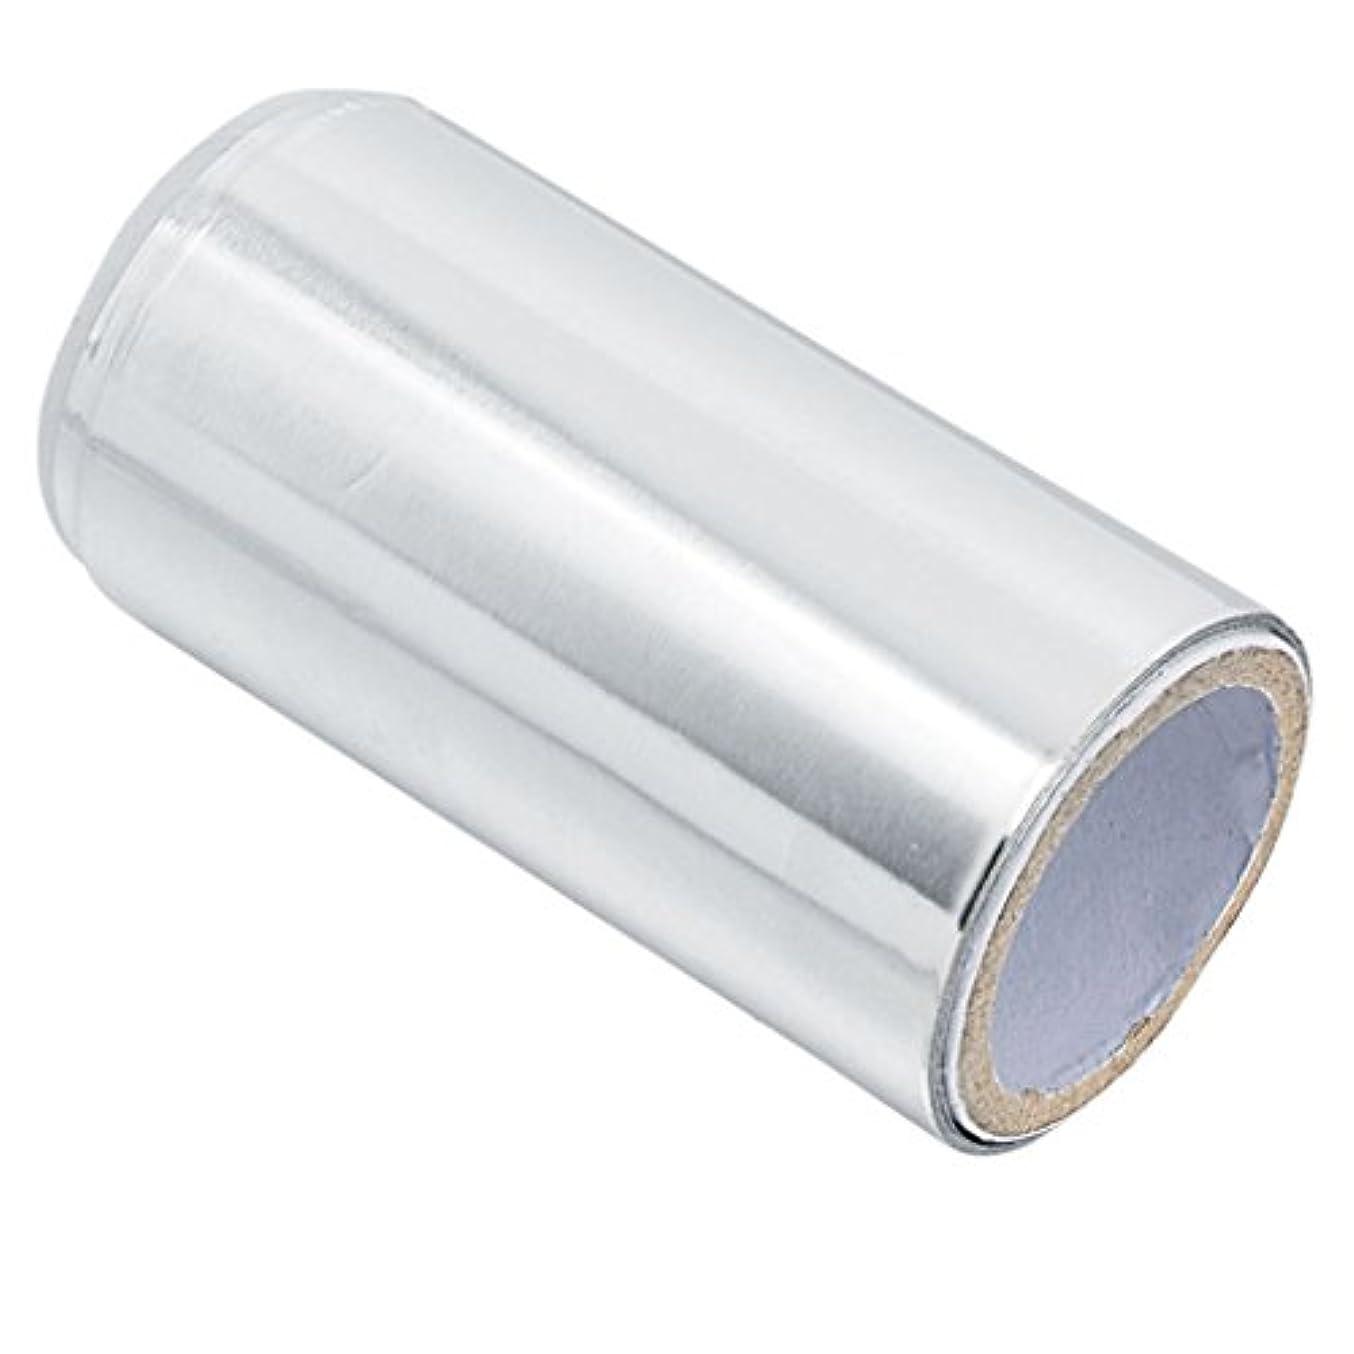 膿瘍引退するシールアルミニウム ヘア/ネイル用 錫箔紙 ネイルアート 爪化粧用具 クリーナーツール ジェル除却 5m